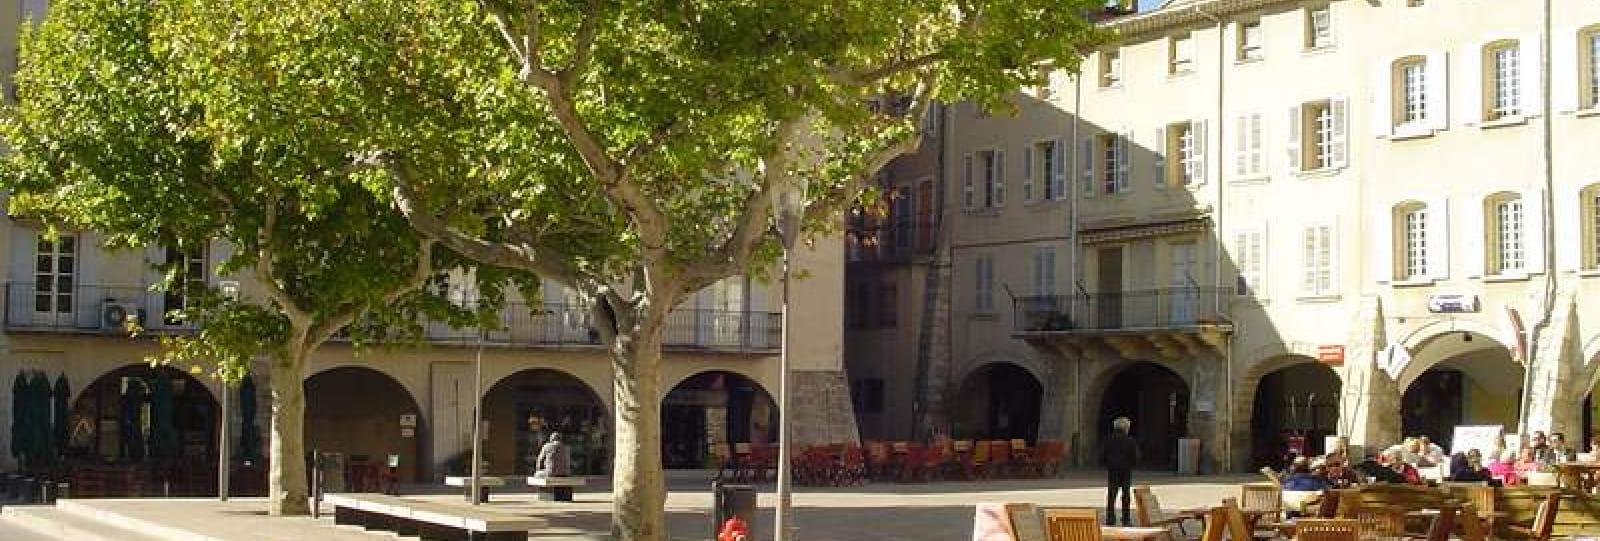 La Place du Docteur Bourdongle ou Place des Arcades